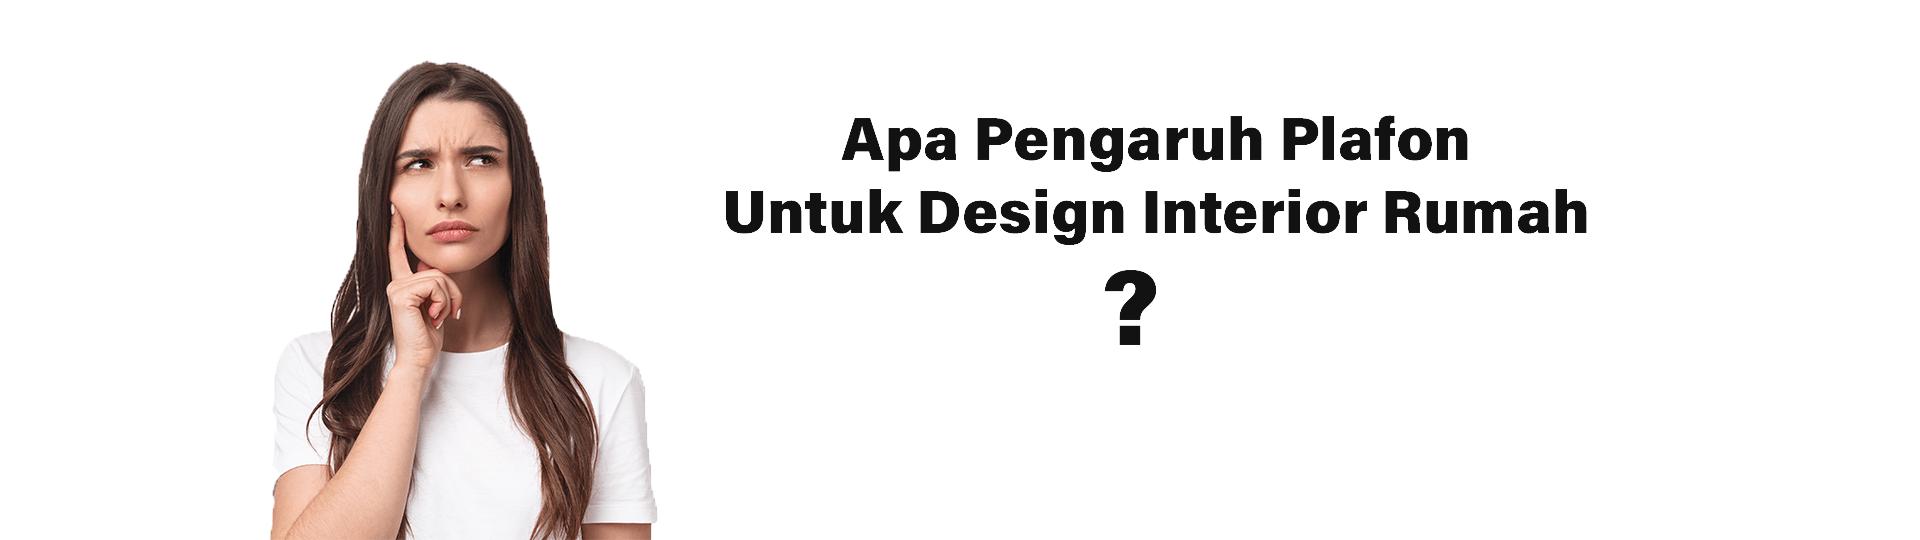 Apa Pengaru Plafon Untuk Design Interior